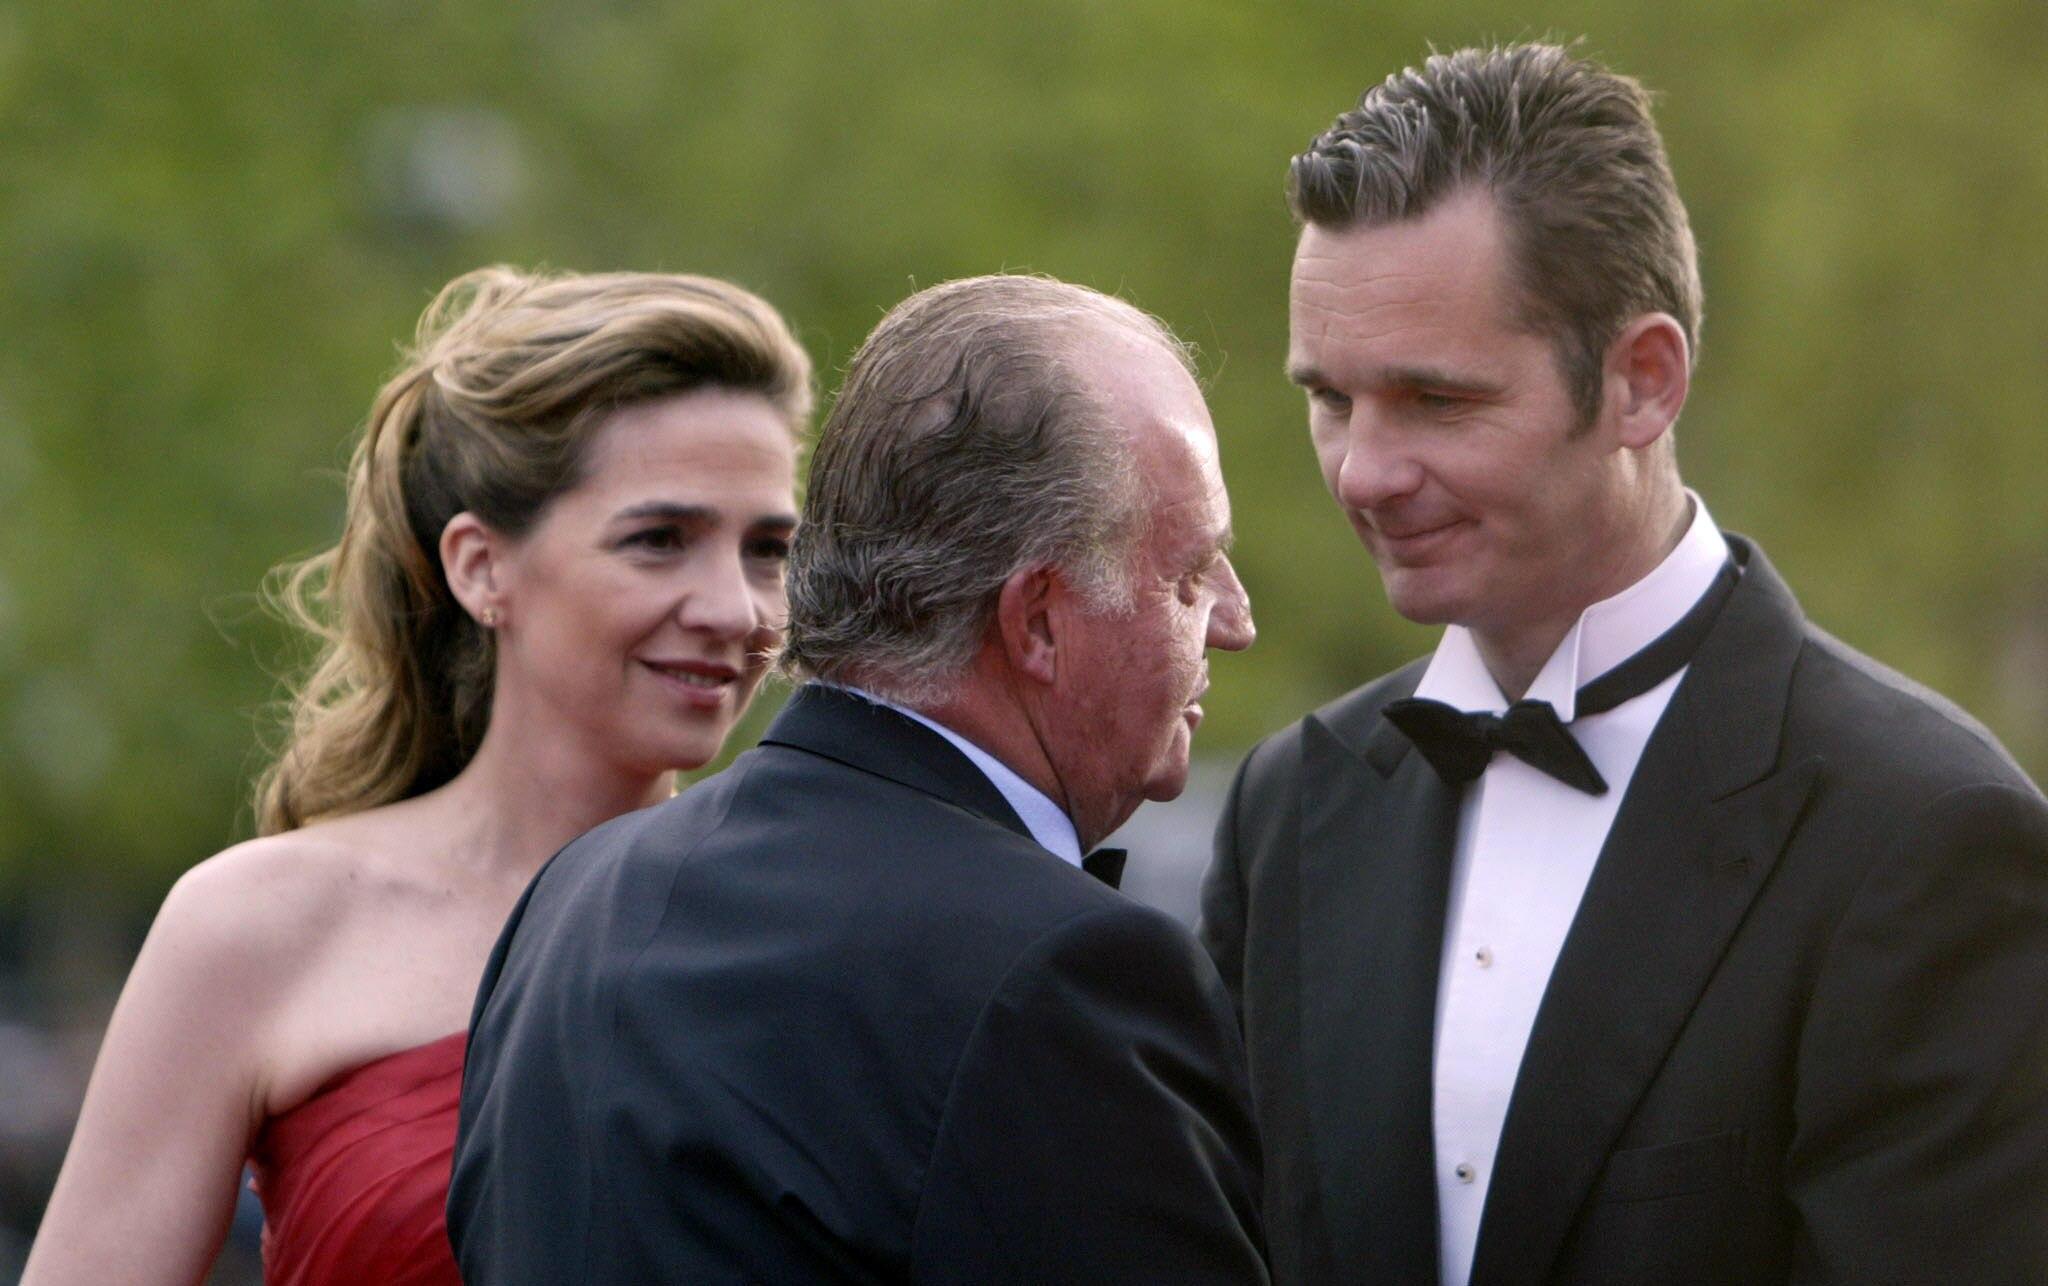 Gefallene Lieblinge: Sportfan Juan Carlos begrüßte 1997 die Heirat seiner Tochter Cristina mit Handballer Iñaki Urdangarin (bei einem Event 2006). Inzwischen wurde Urdangarin von der königlichen Webseite entfernt.